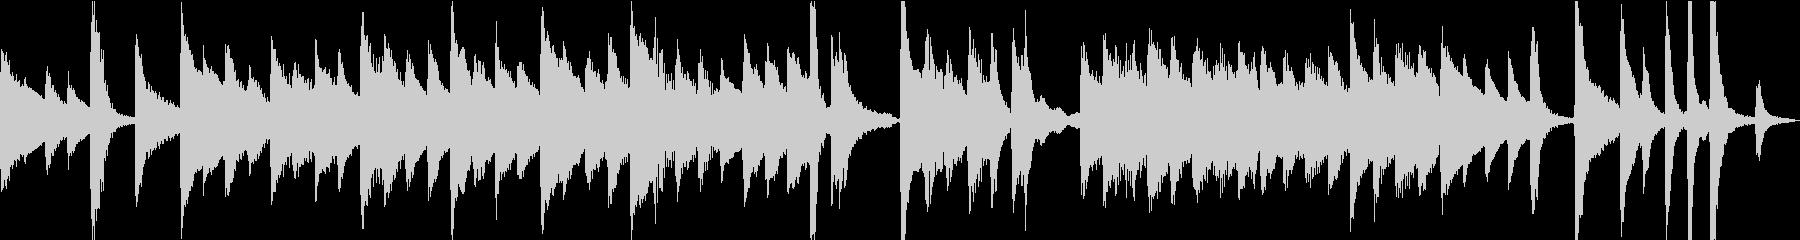 【悲壮感】30秒ピアノソロ【ループ】の未再生の波形